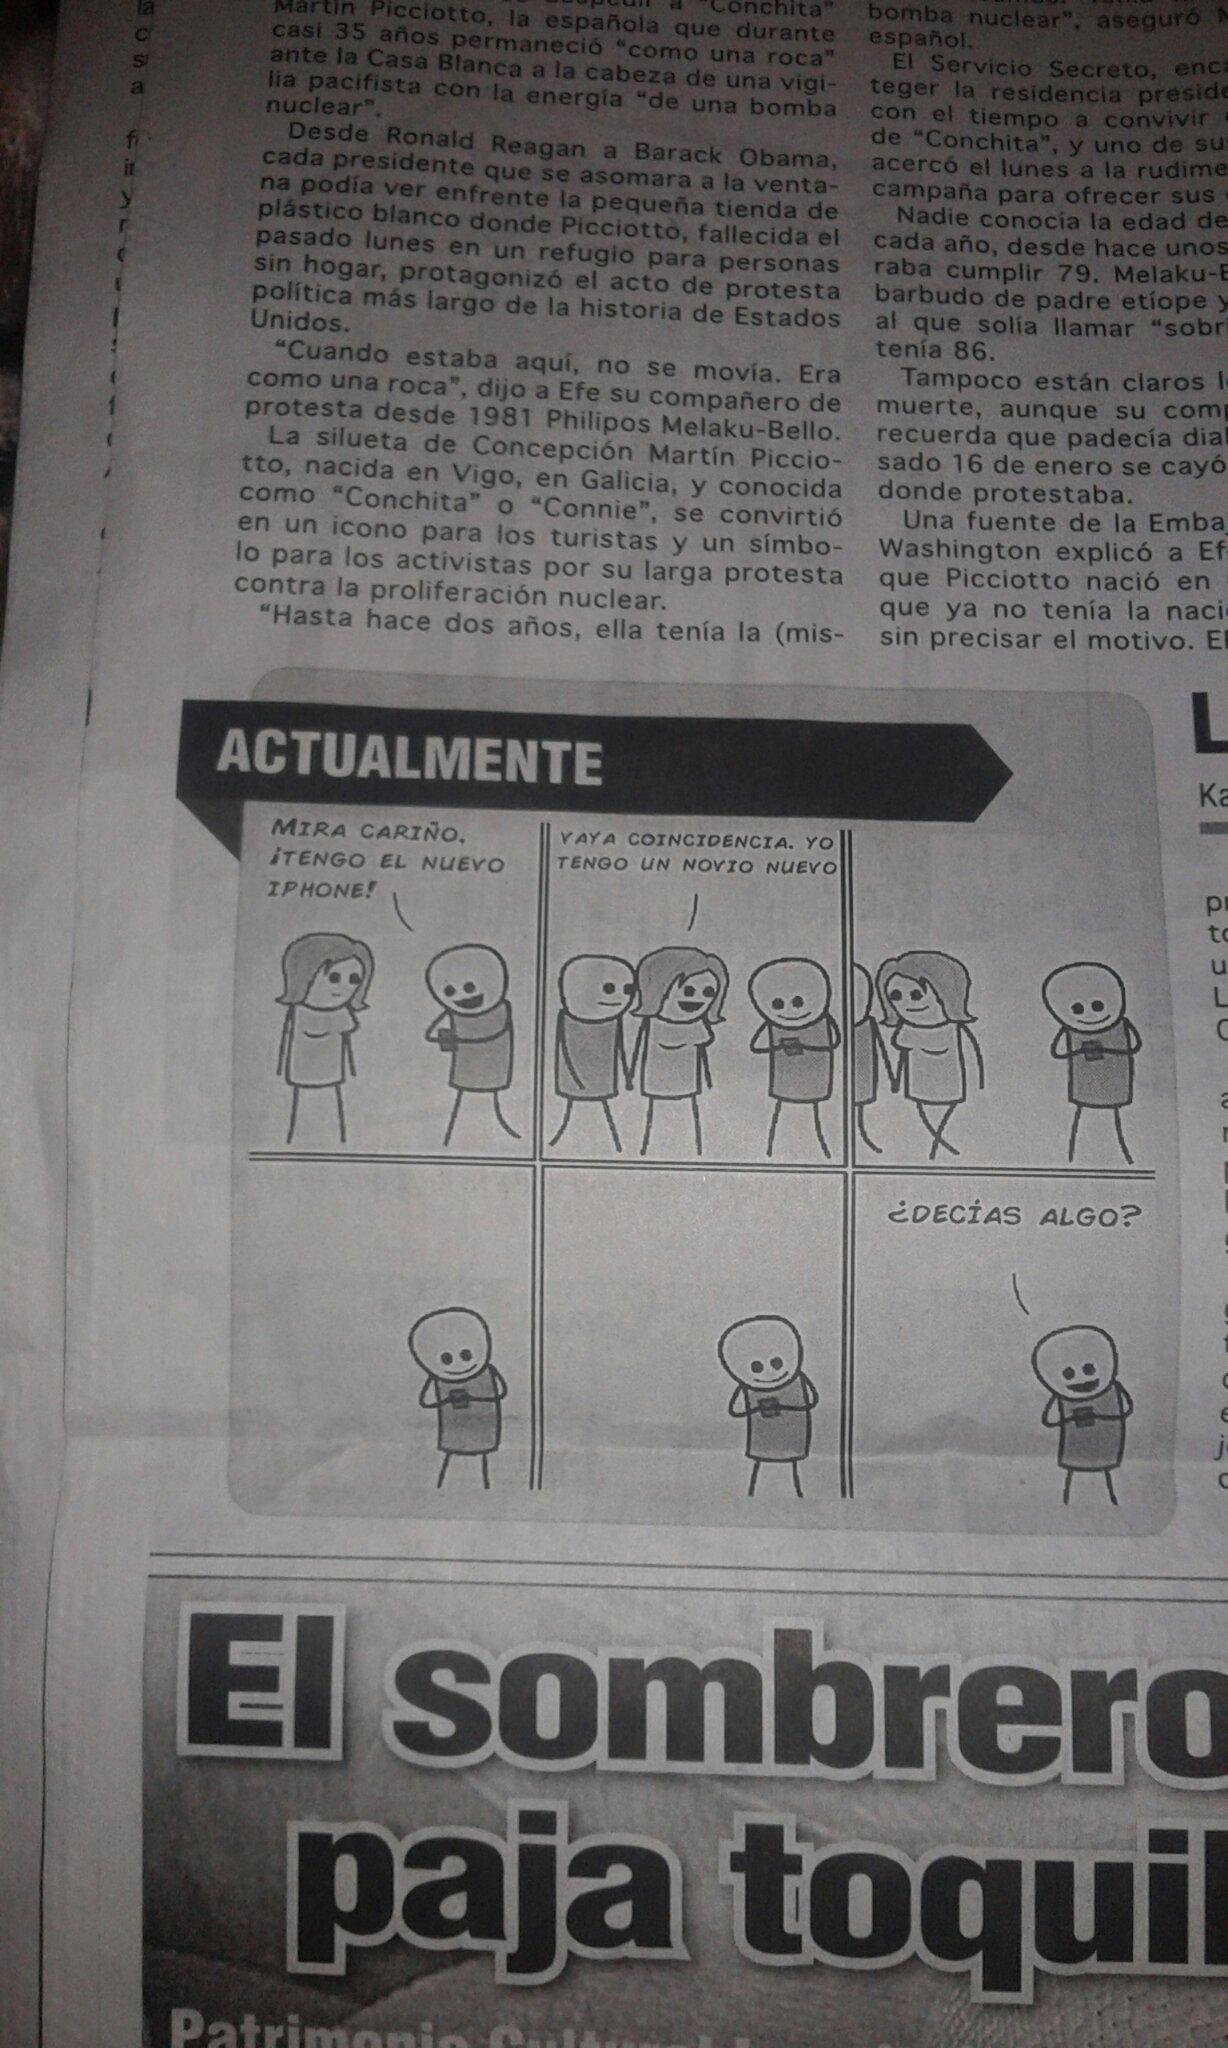 CUANDO HASTA EN EL PERIODICO ME PUBLICAN Y EN MEMEDROID NO...  :'(